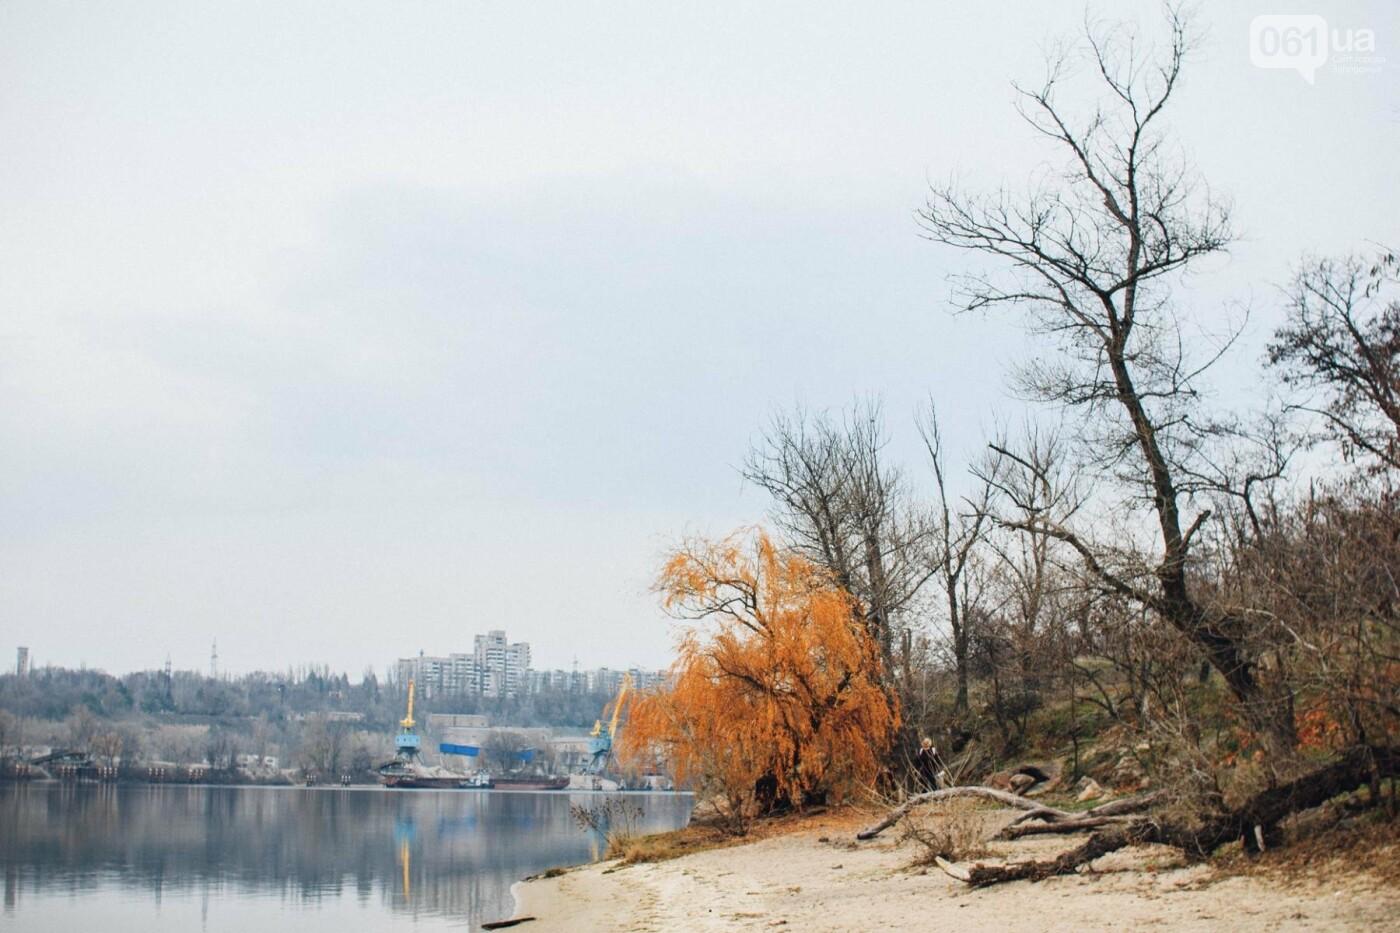 Четыре дня до зимы: как выглядит Хортица поздней осенью, - ФОТОРЕПОРТАЖ, фото-17